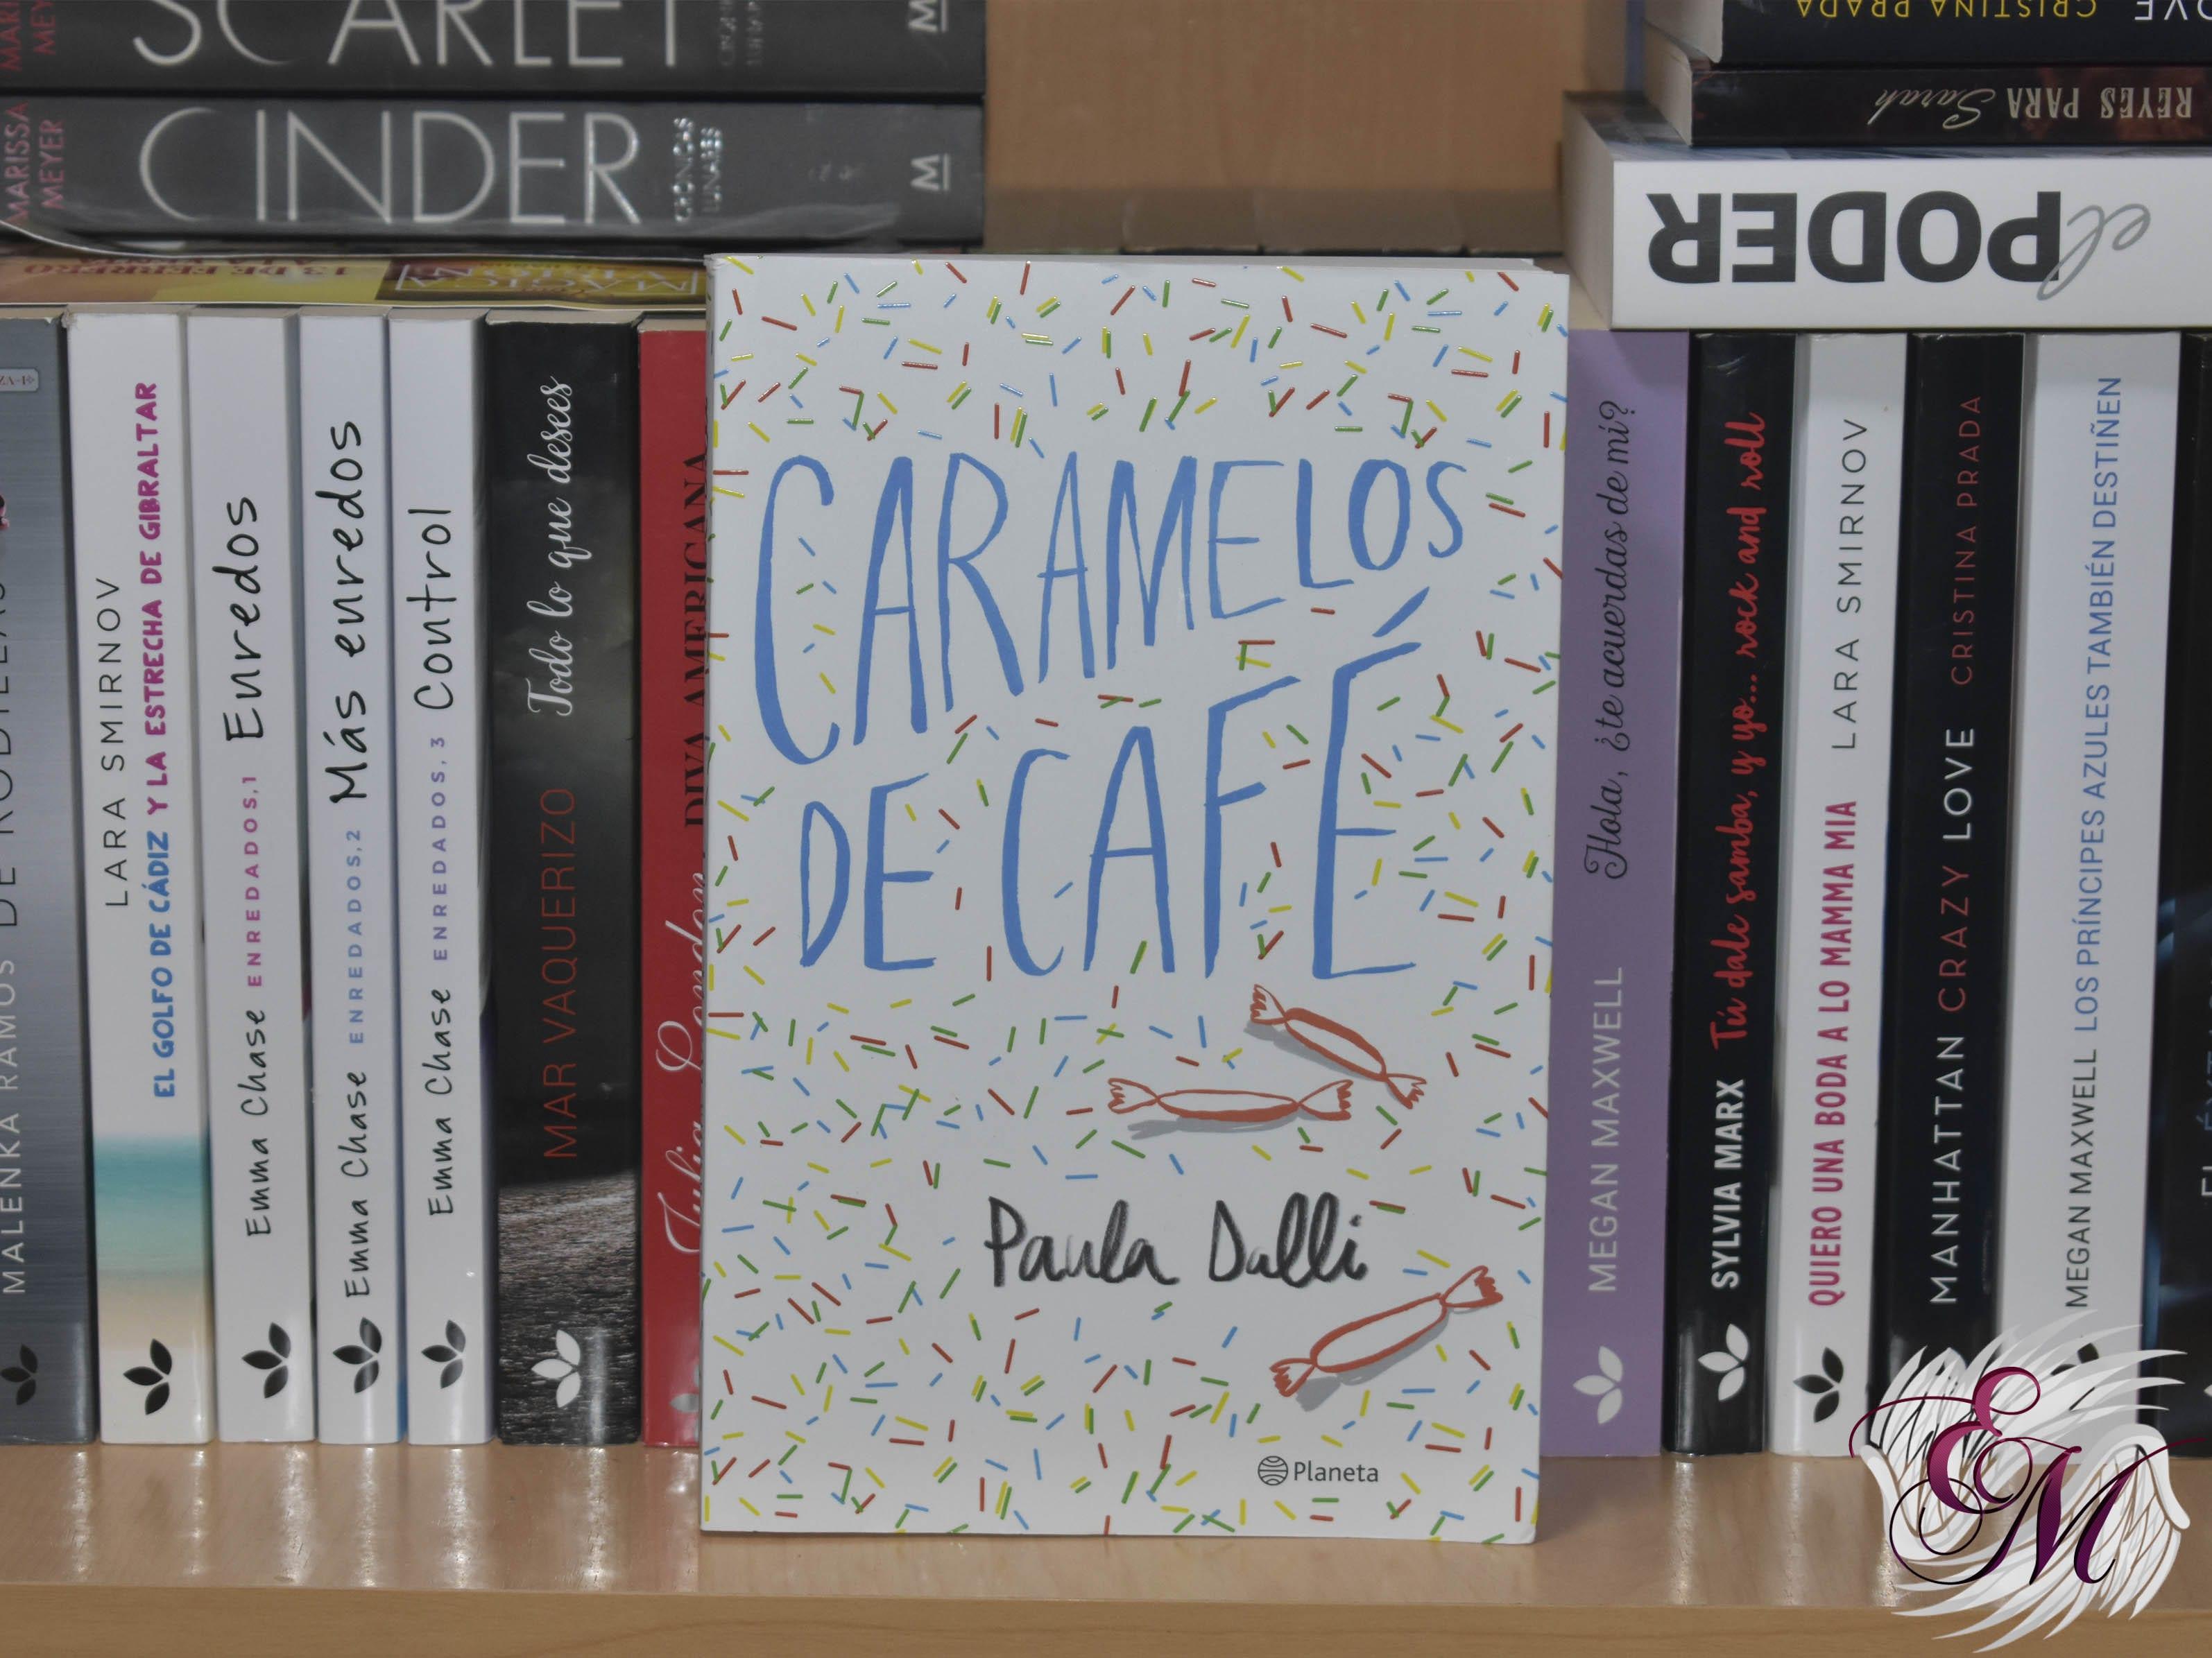 Caramelos de café, de Paula Dalli - Reseña